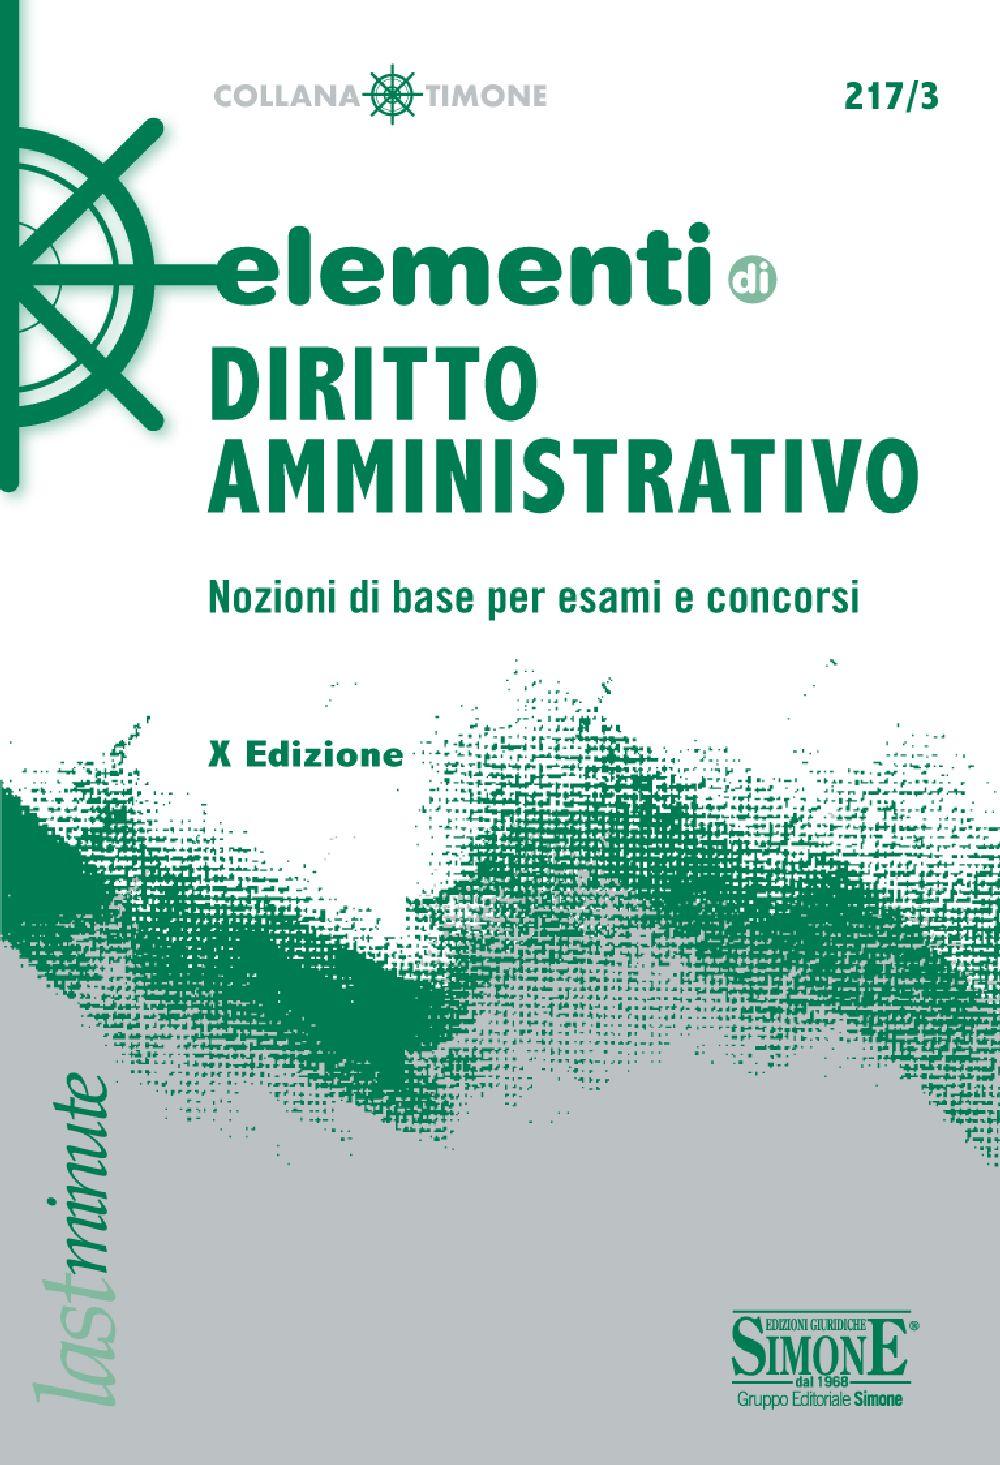 Gli Elementi di diritto amministrativo, giunti alla X edizione, affrontano in modo esaustivo, ma al tempo stesso sintetico, le principali tematiche afferenti al diritto amministrativo